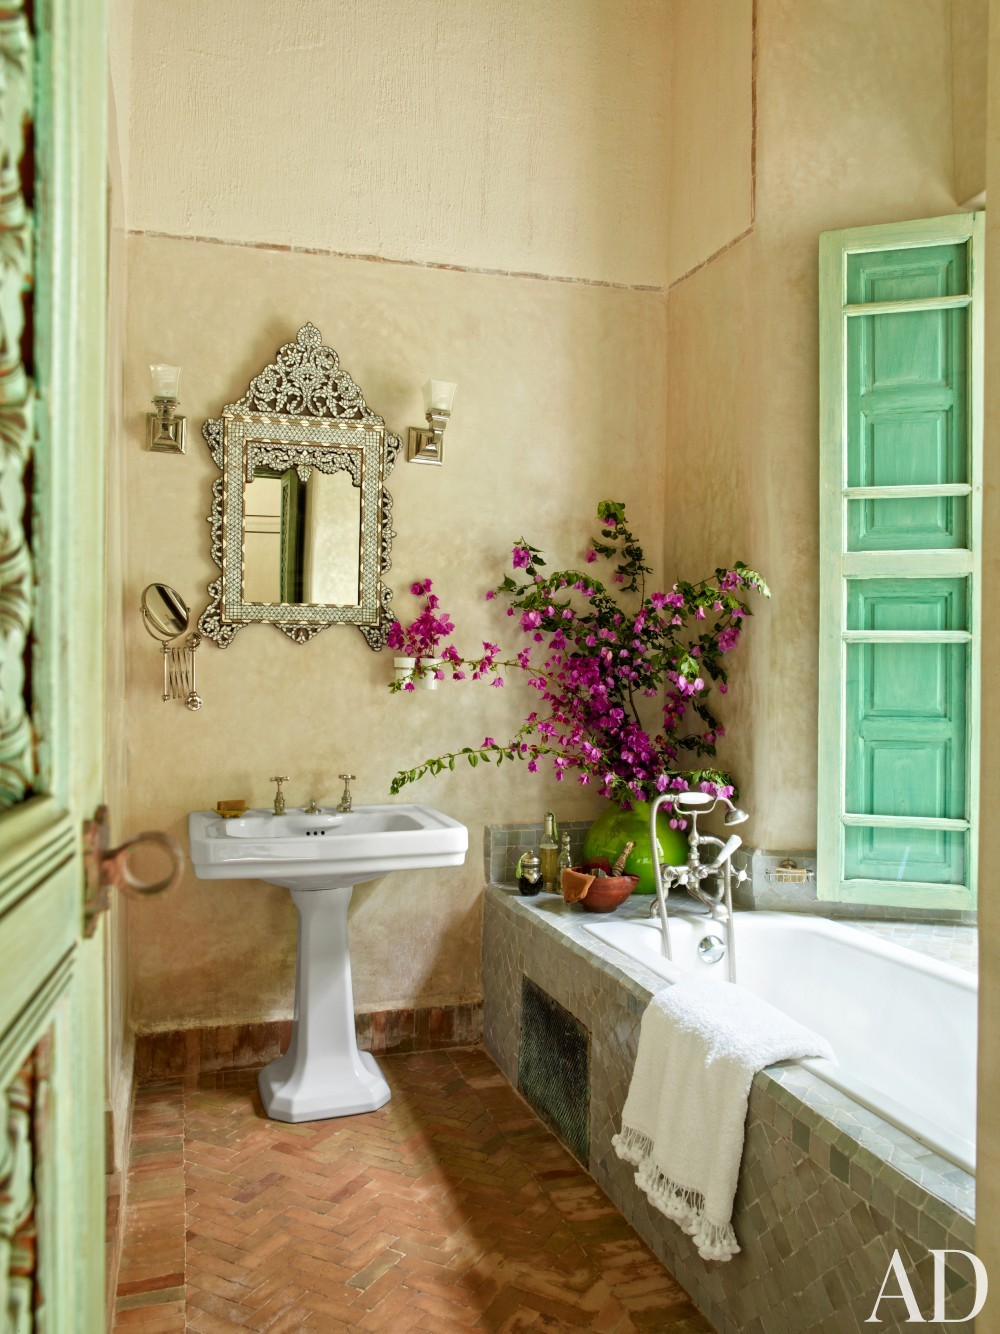 Exotic Bathroom by Ahmad Sardar-Afkhami in Marrakech, Morocco